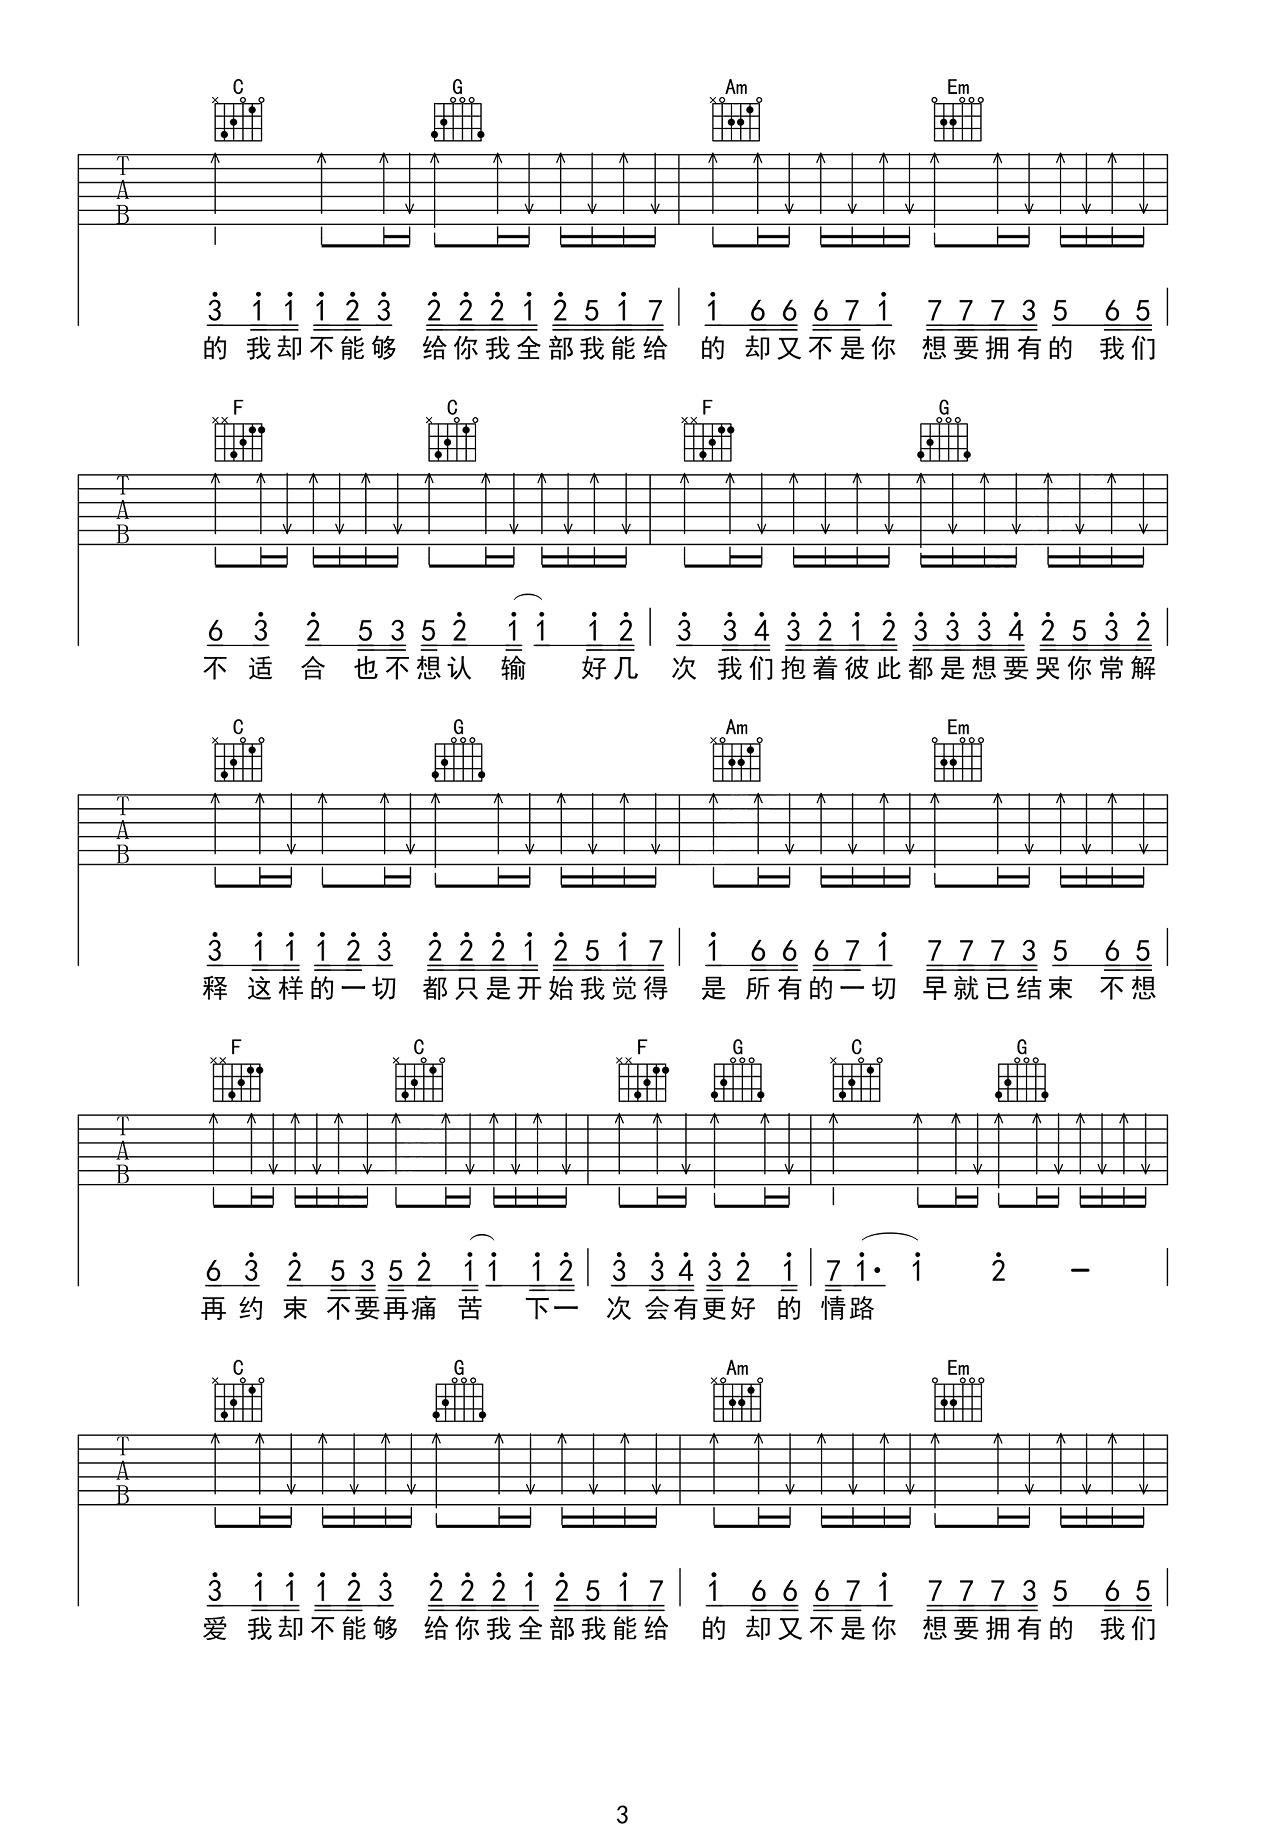 李圣杰/王小帅《最近》吉他谱 C调吉他弹唱谱3